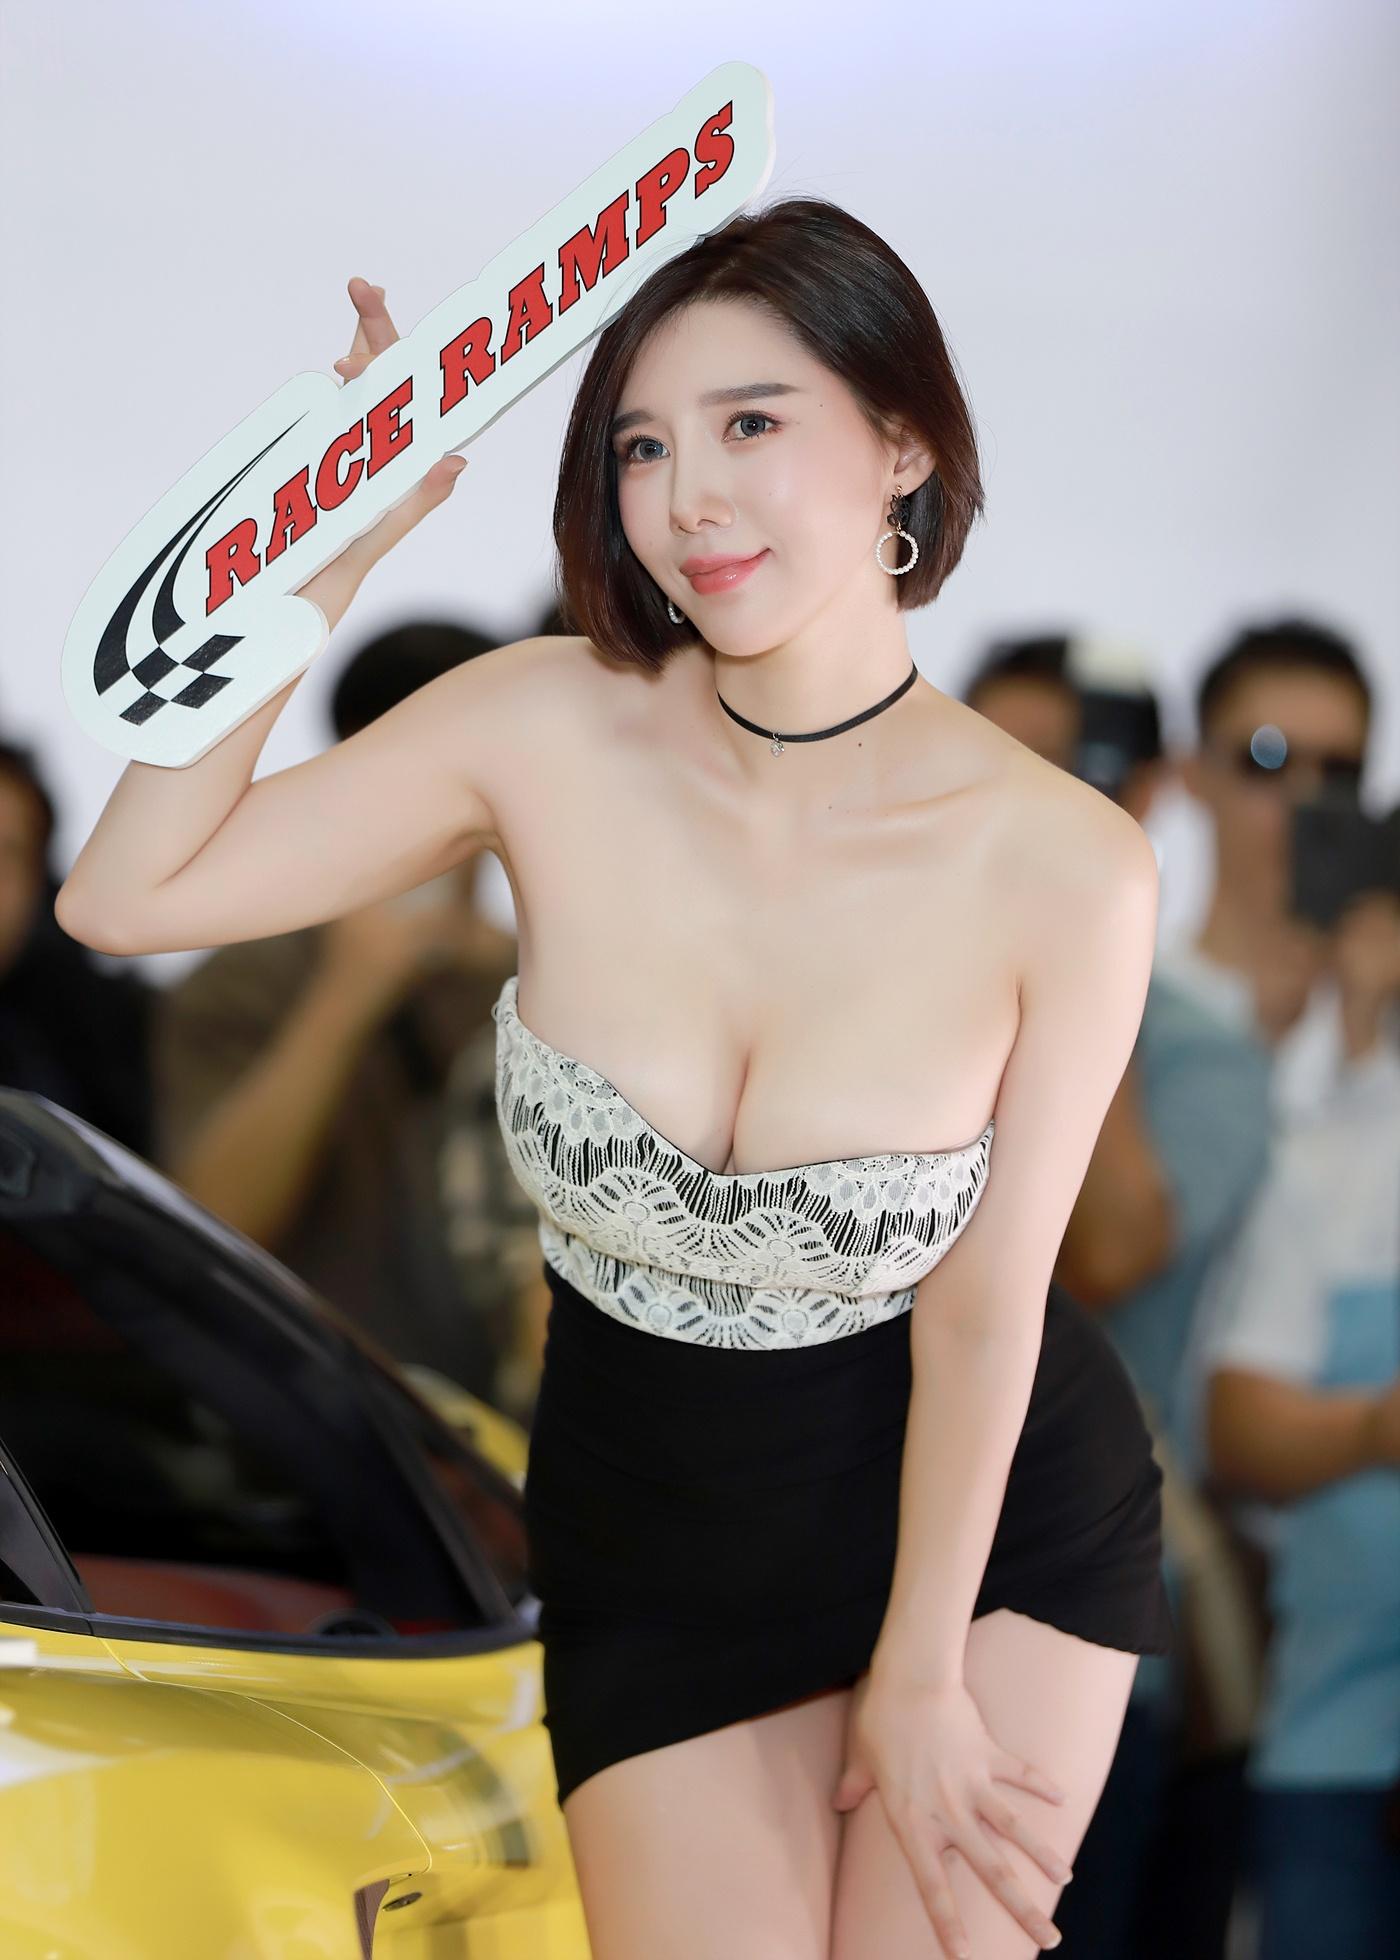 Song Jooa là cái tên không hề xa lạ trong giới người mẫu xe hơi Hàn Quốc